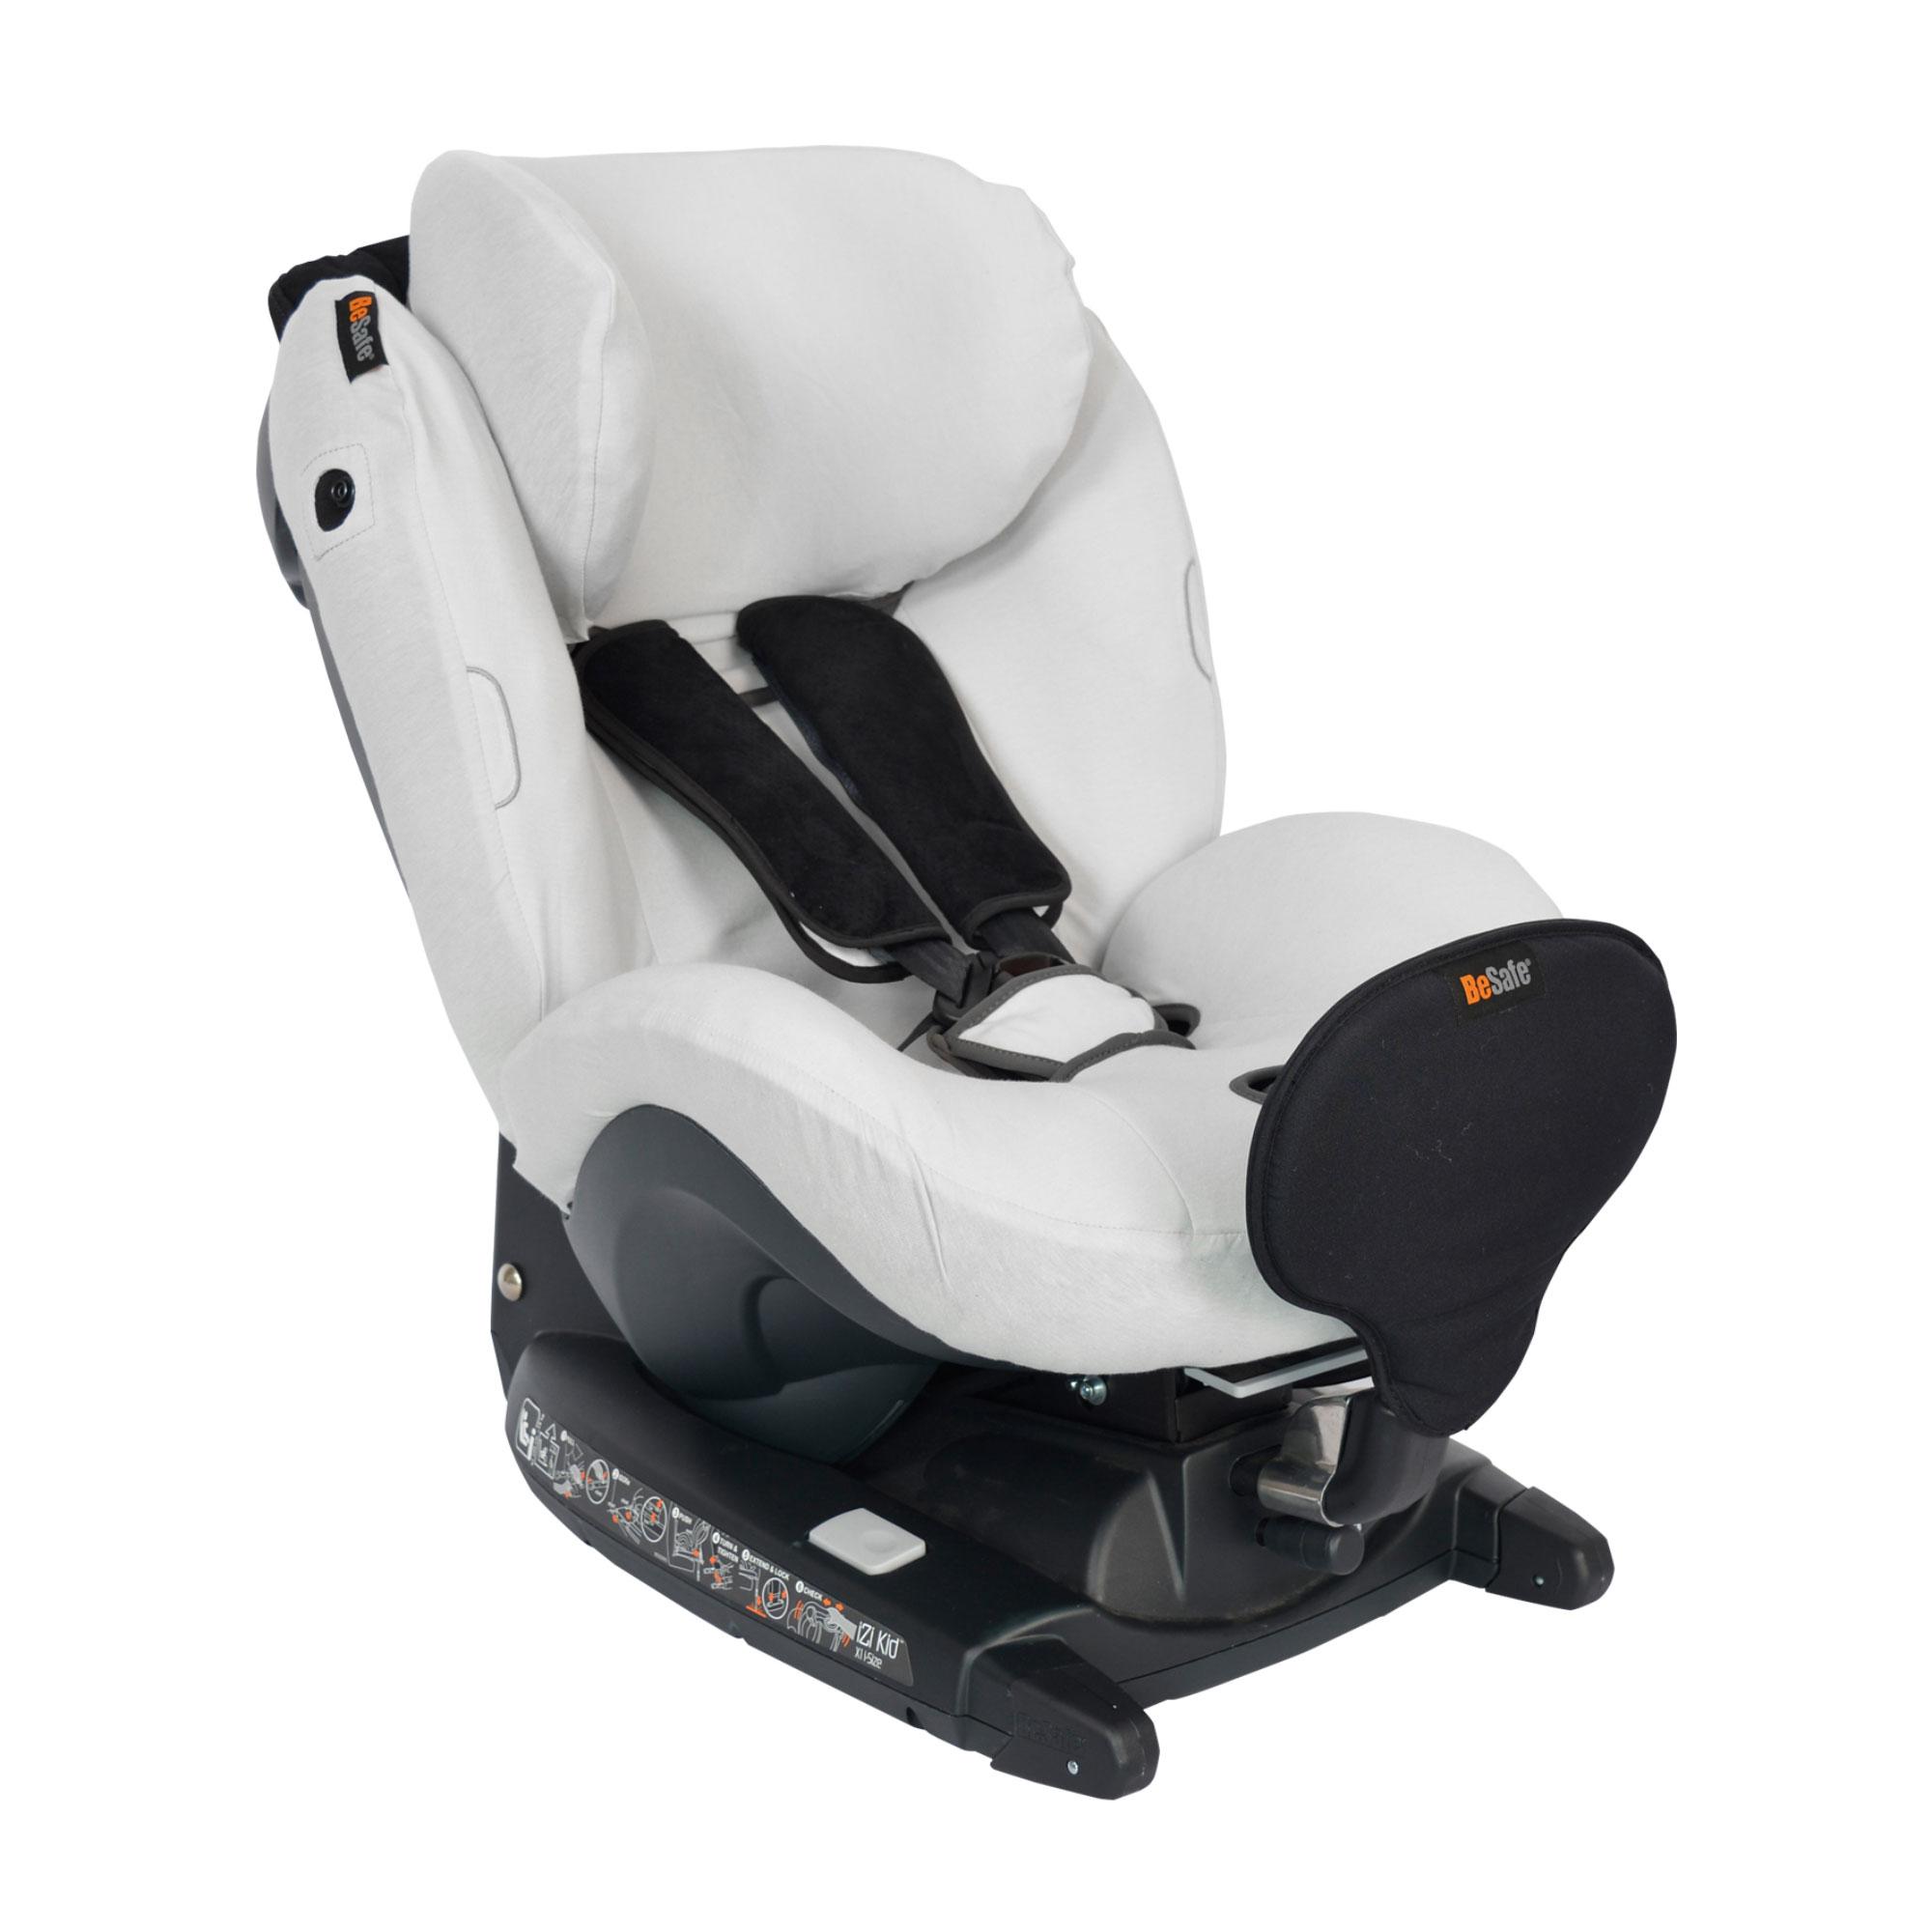 BeSafe Child Seat Cover Kid Combi Plus Comfort